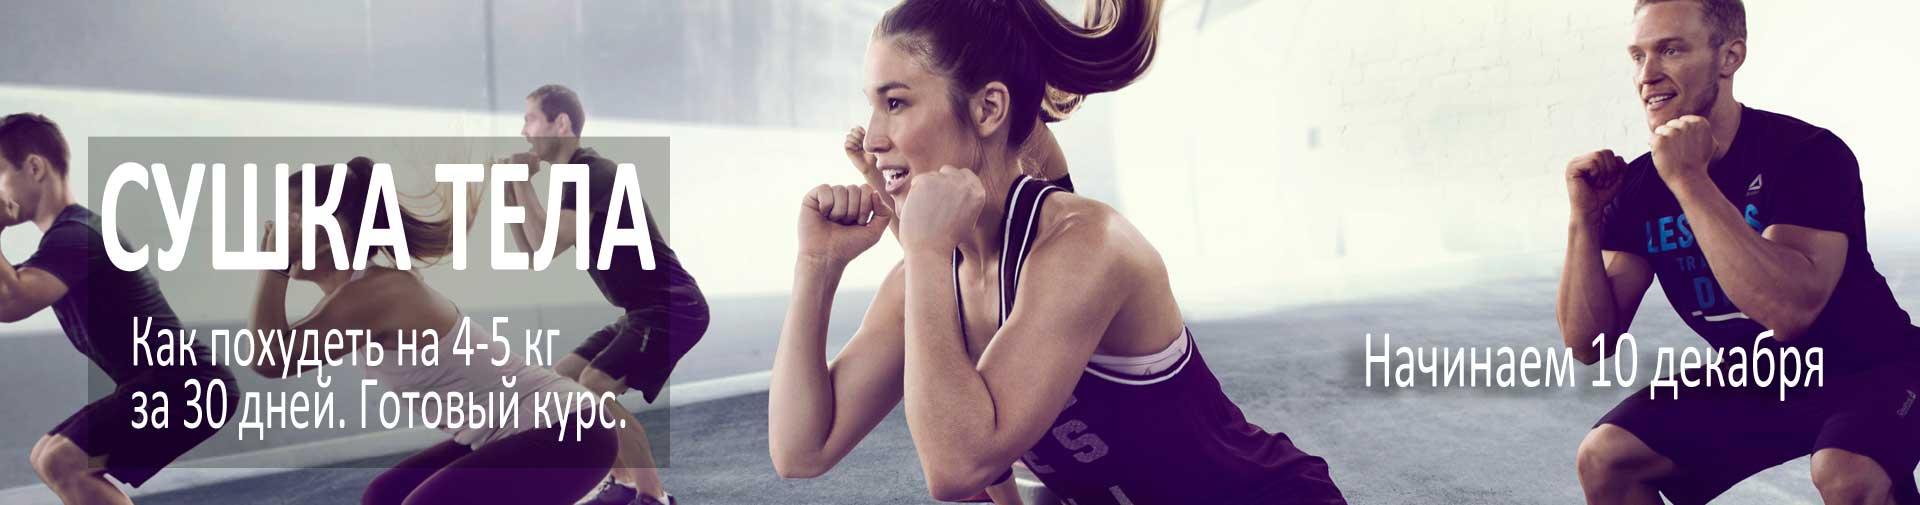 Сушка тела. Комплекс упражнений и программа питания.